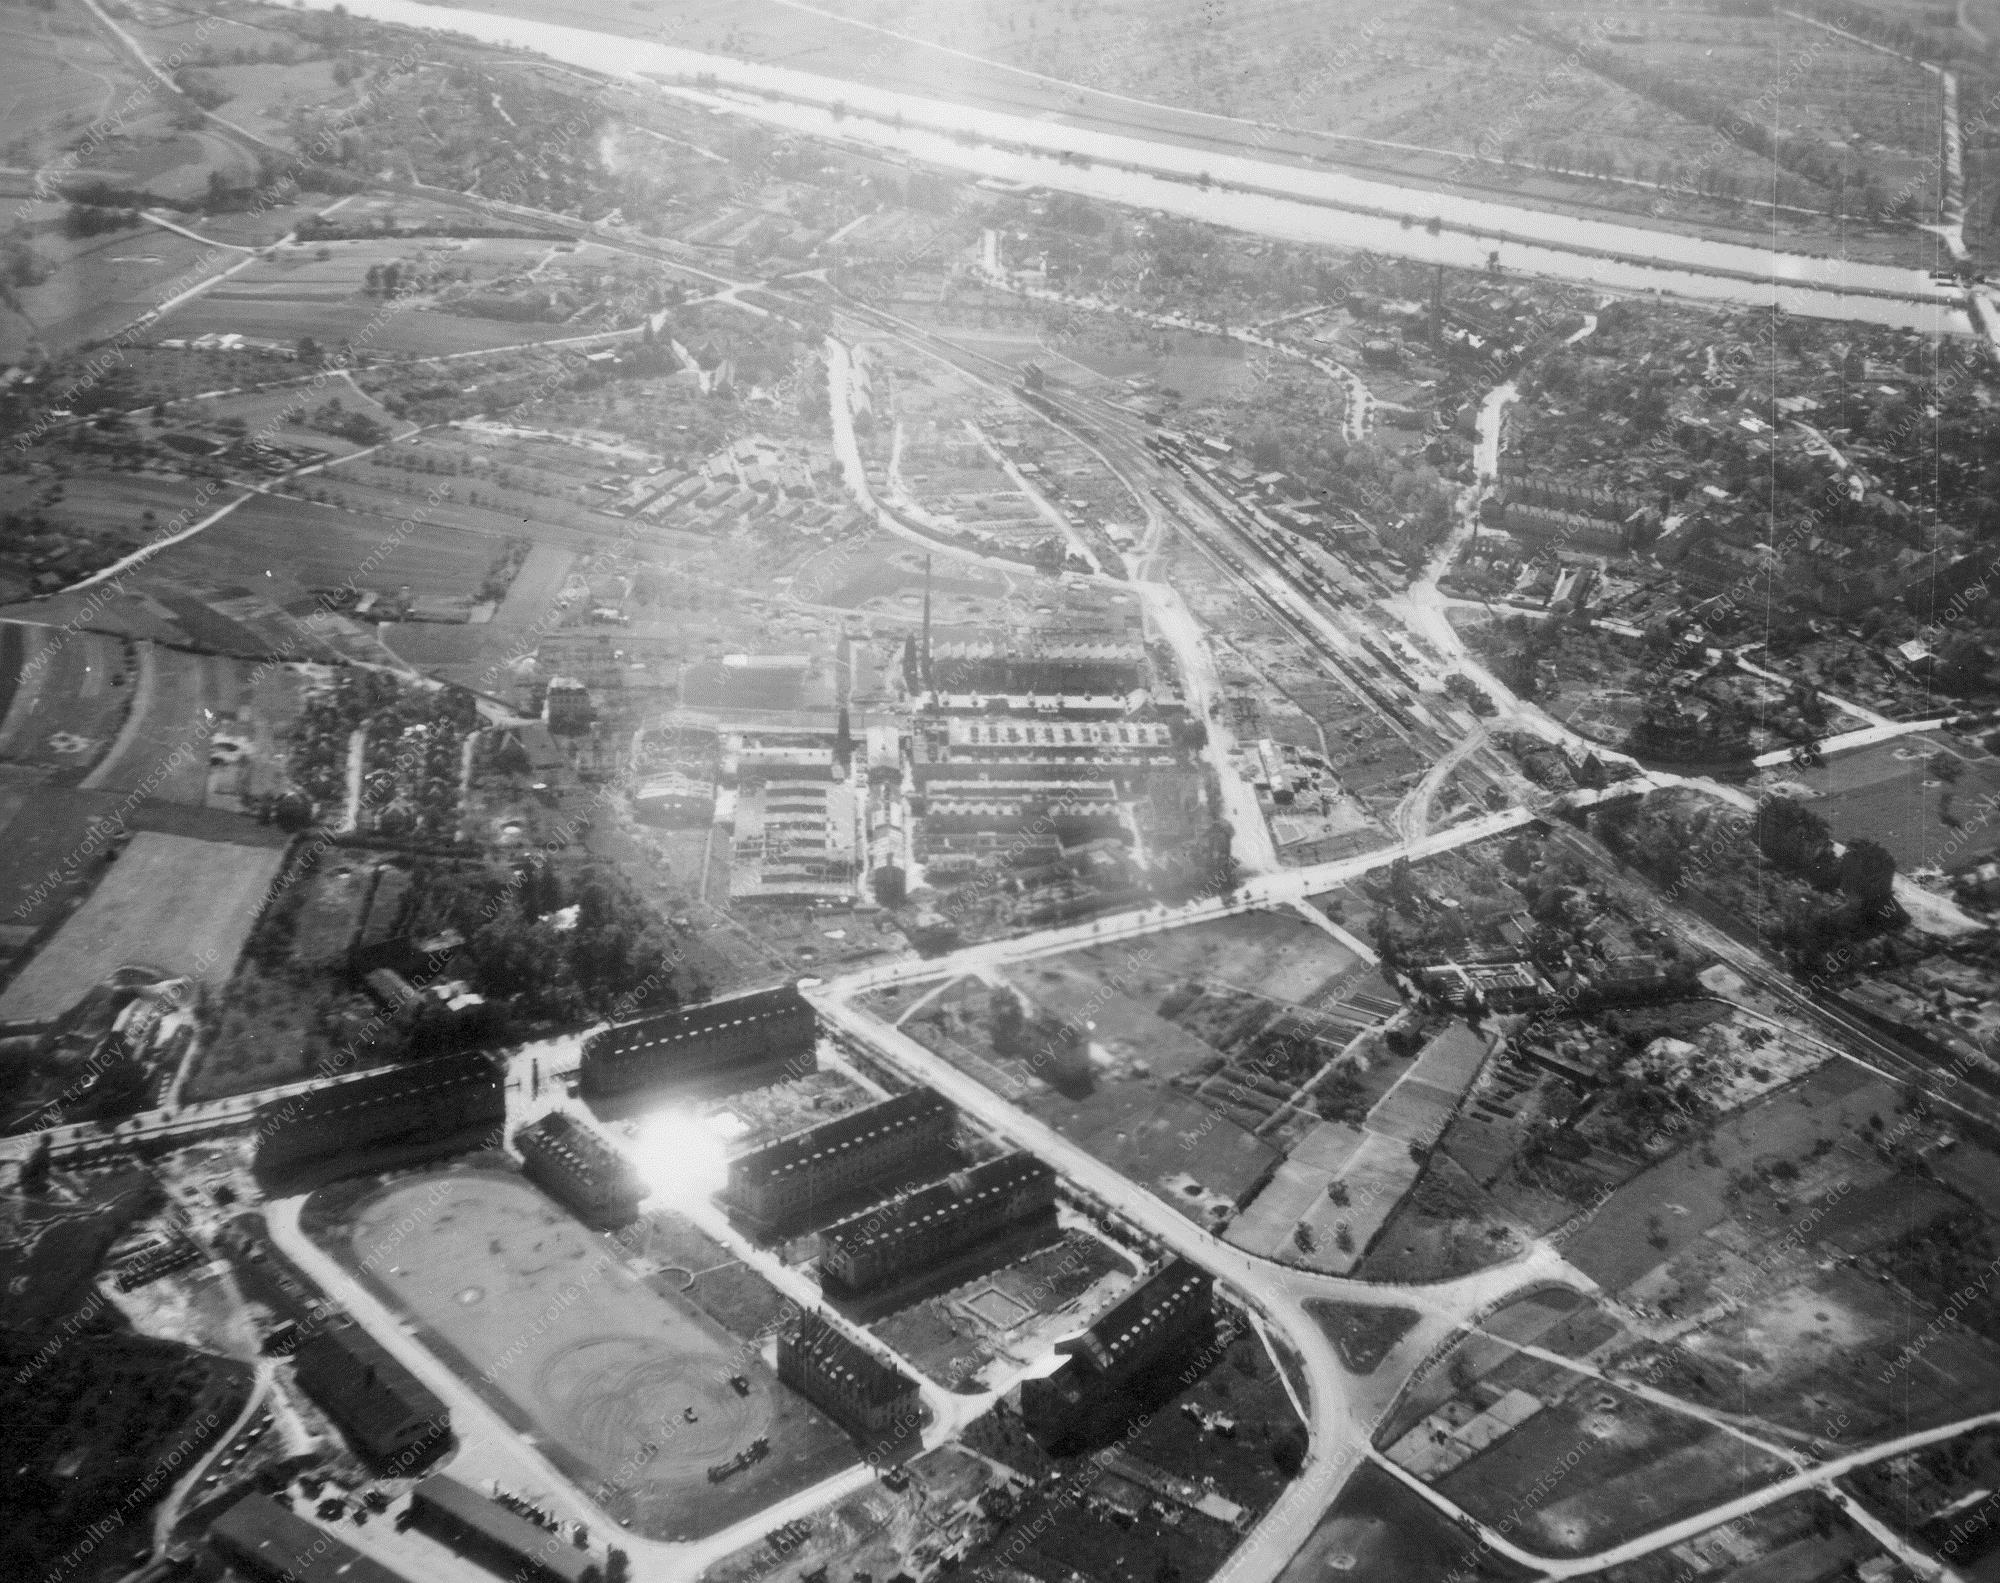 Aschaffenburg Luftbild Pionierkaserne und Südbahnhof